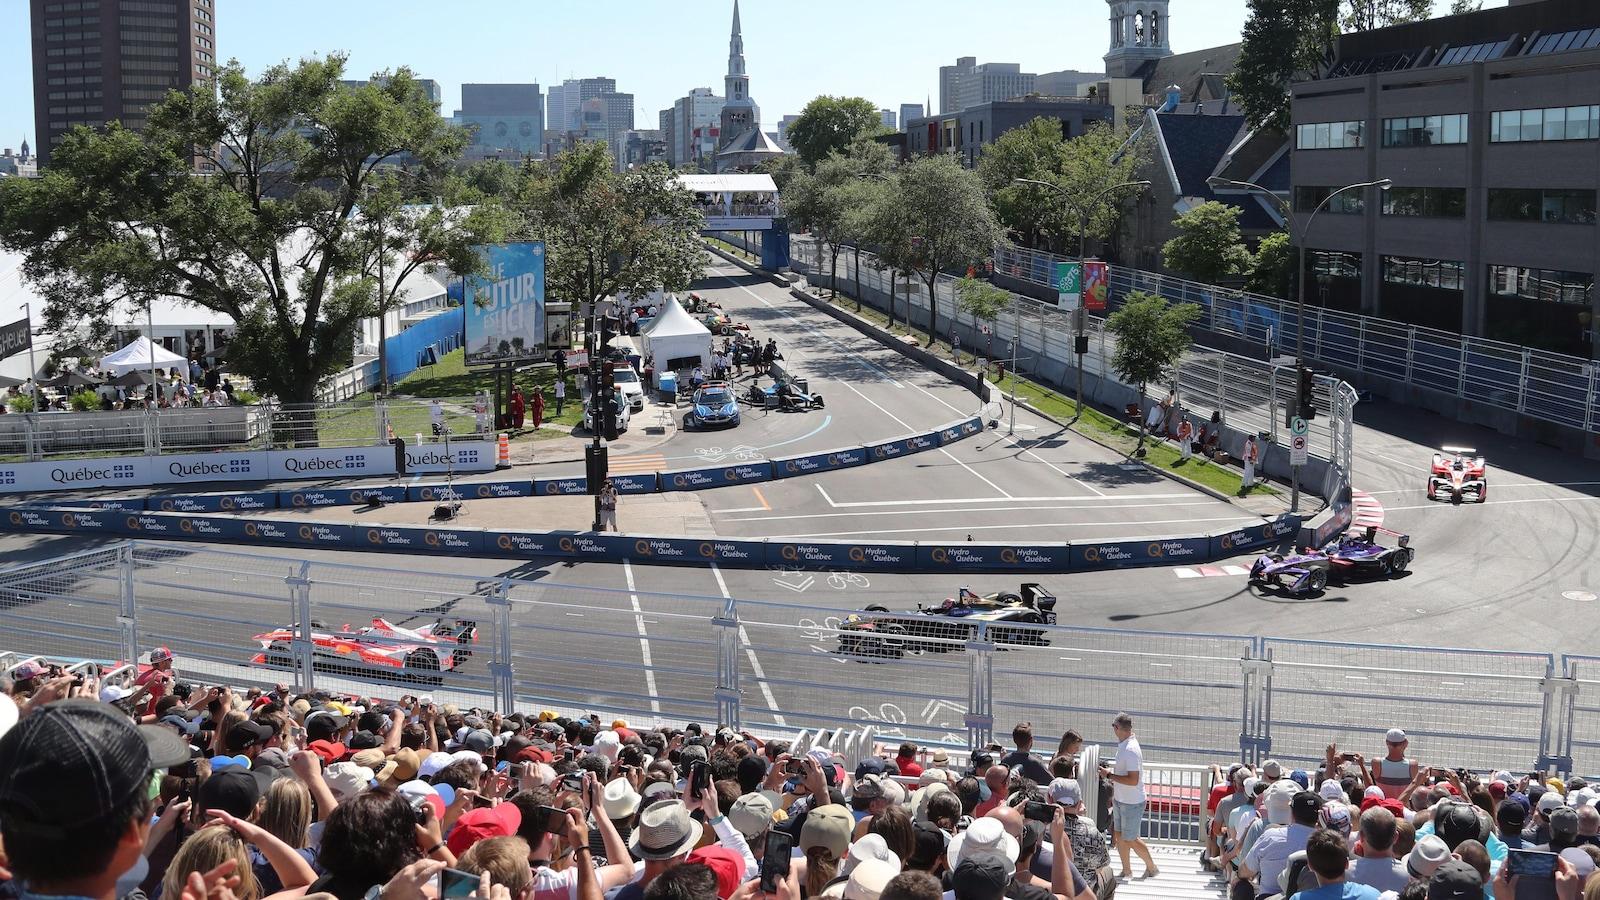 Des voitures de course empruntent un virage lors de la formule E à Montréal le 30 juillet 2017.